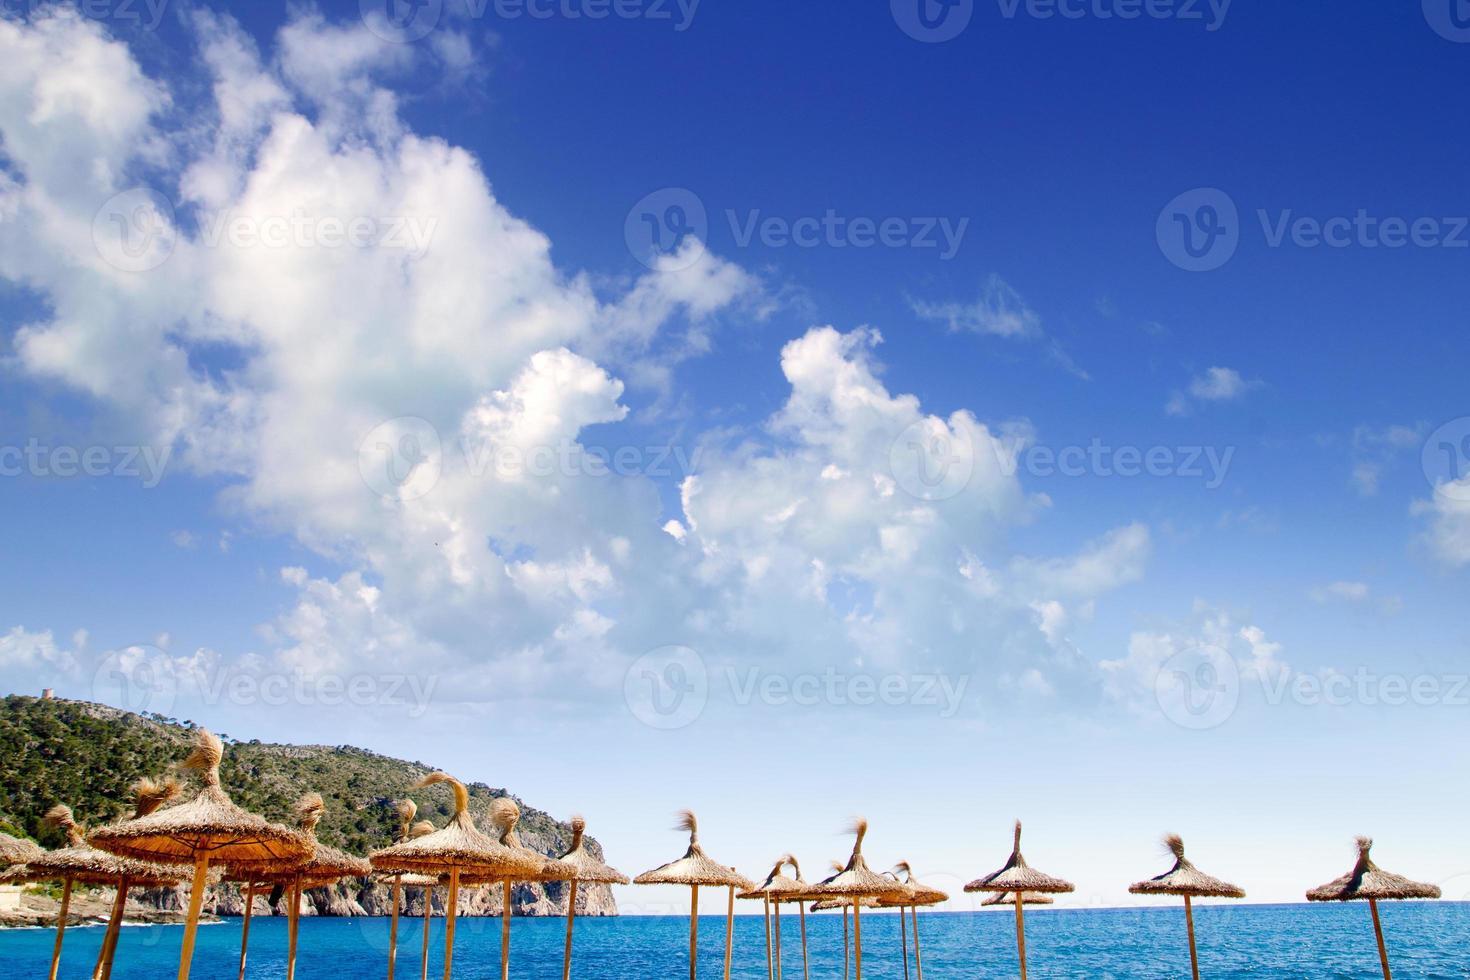 Camp de Mar in Andratx da Maiorca Isole Baleari foto